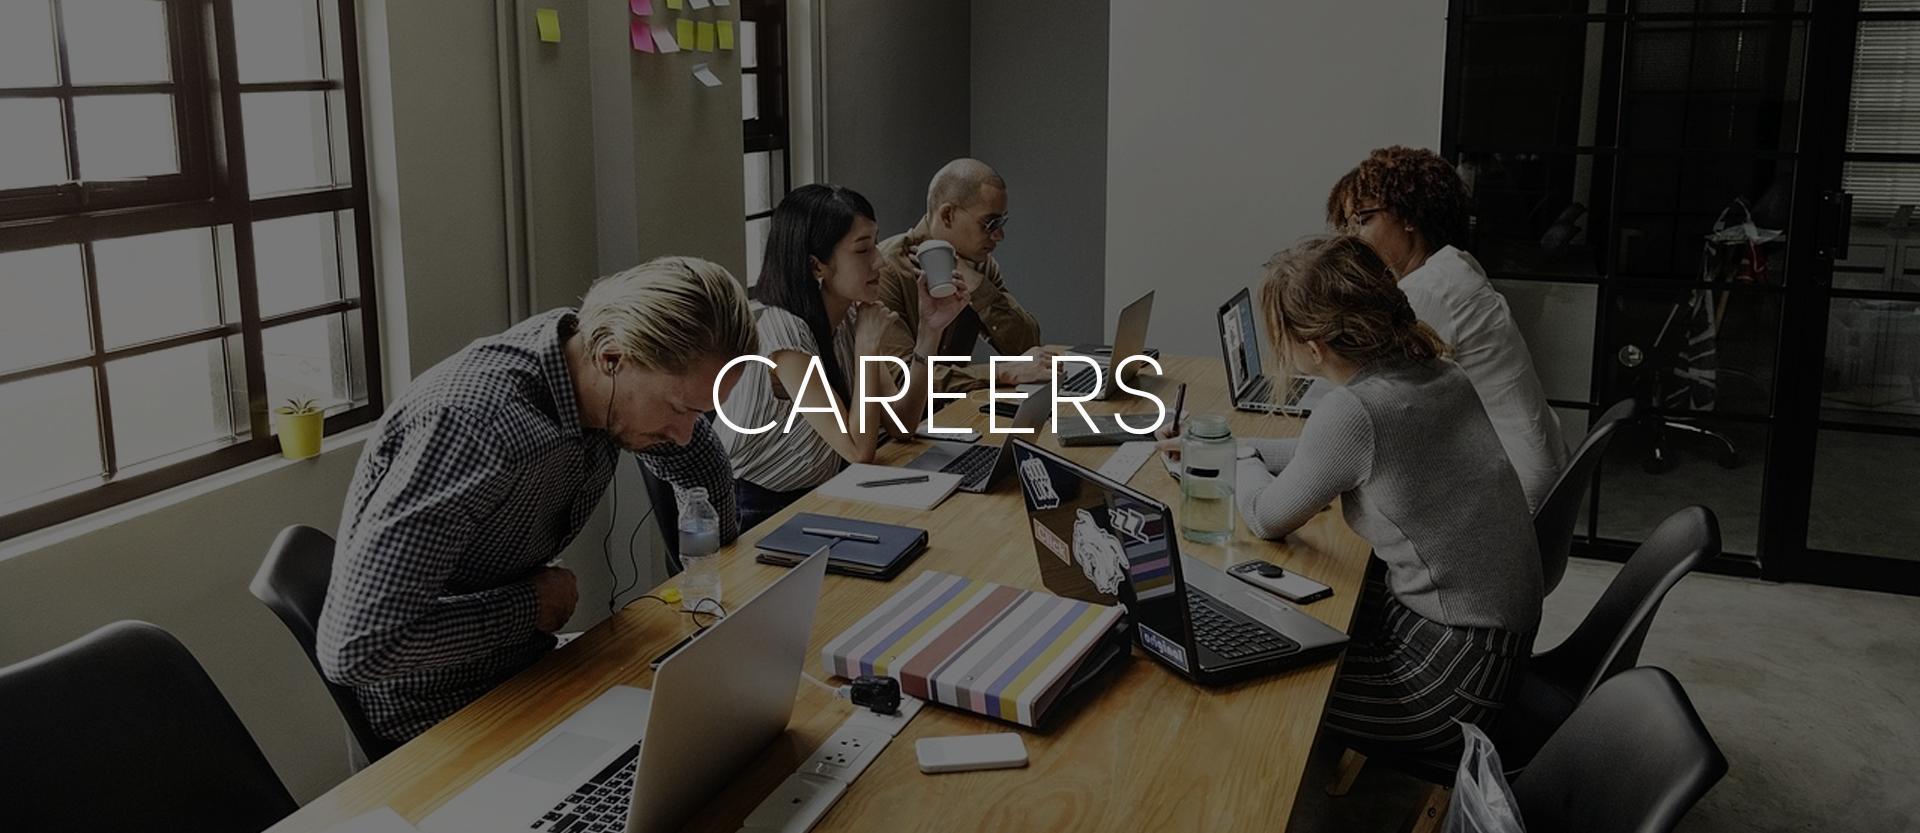 Job Vacancies at 4media group